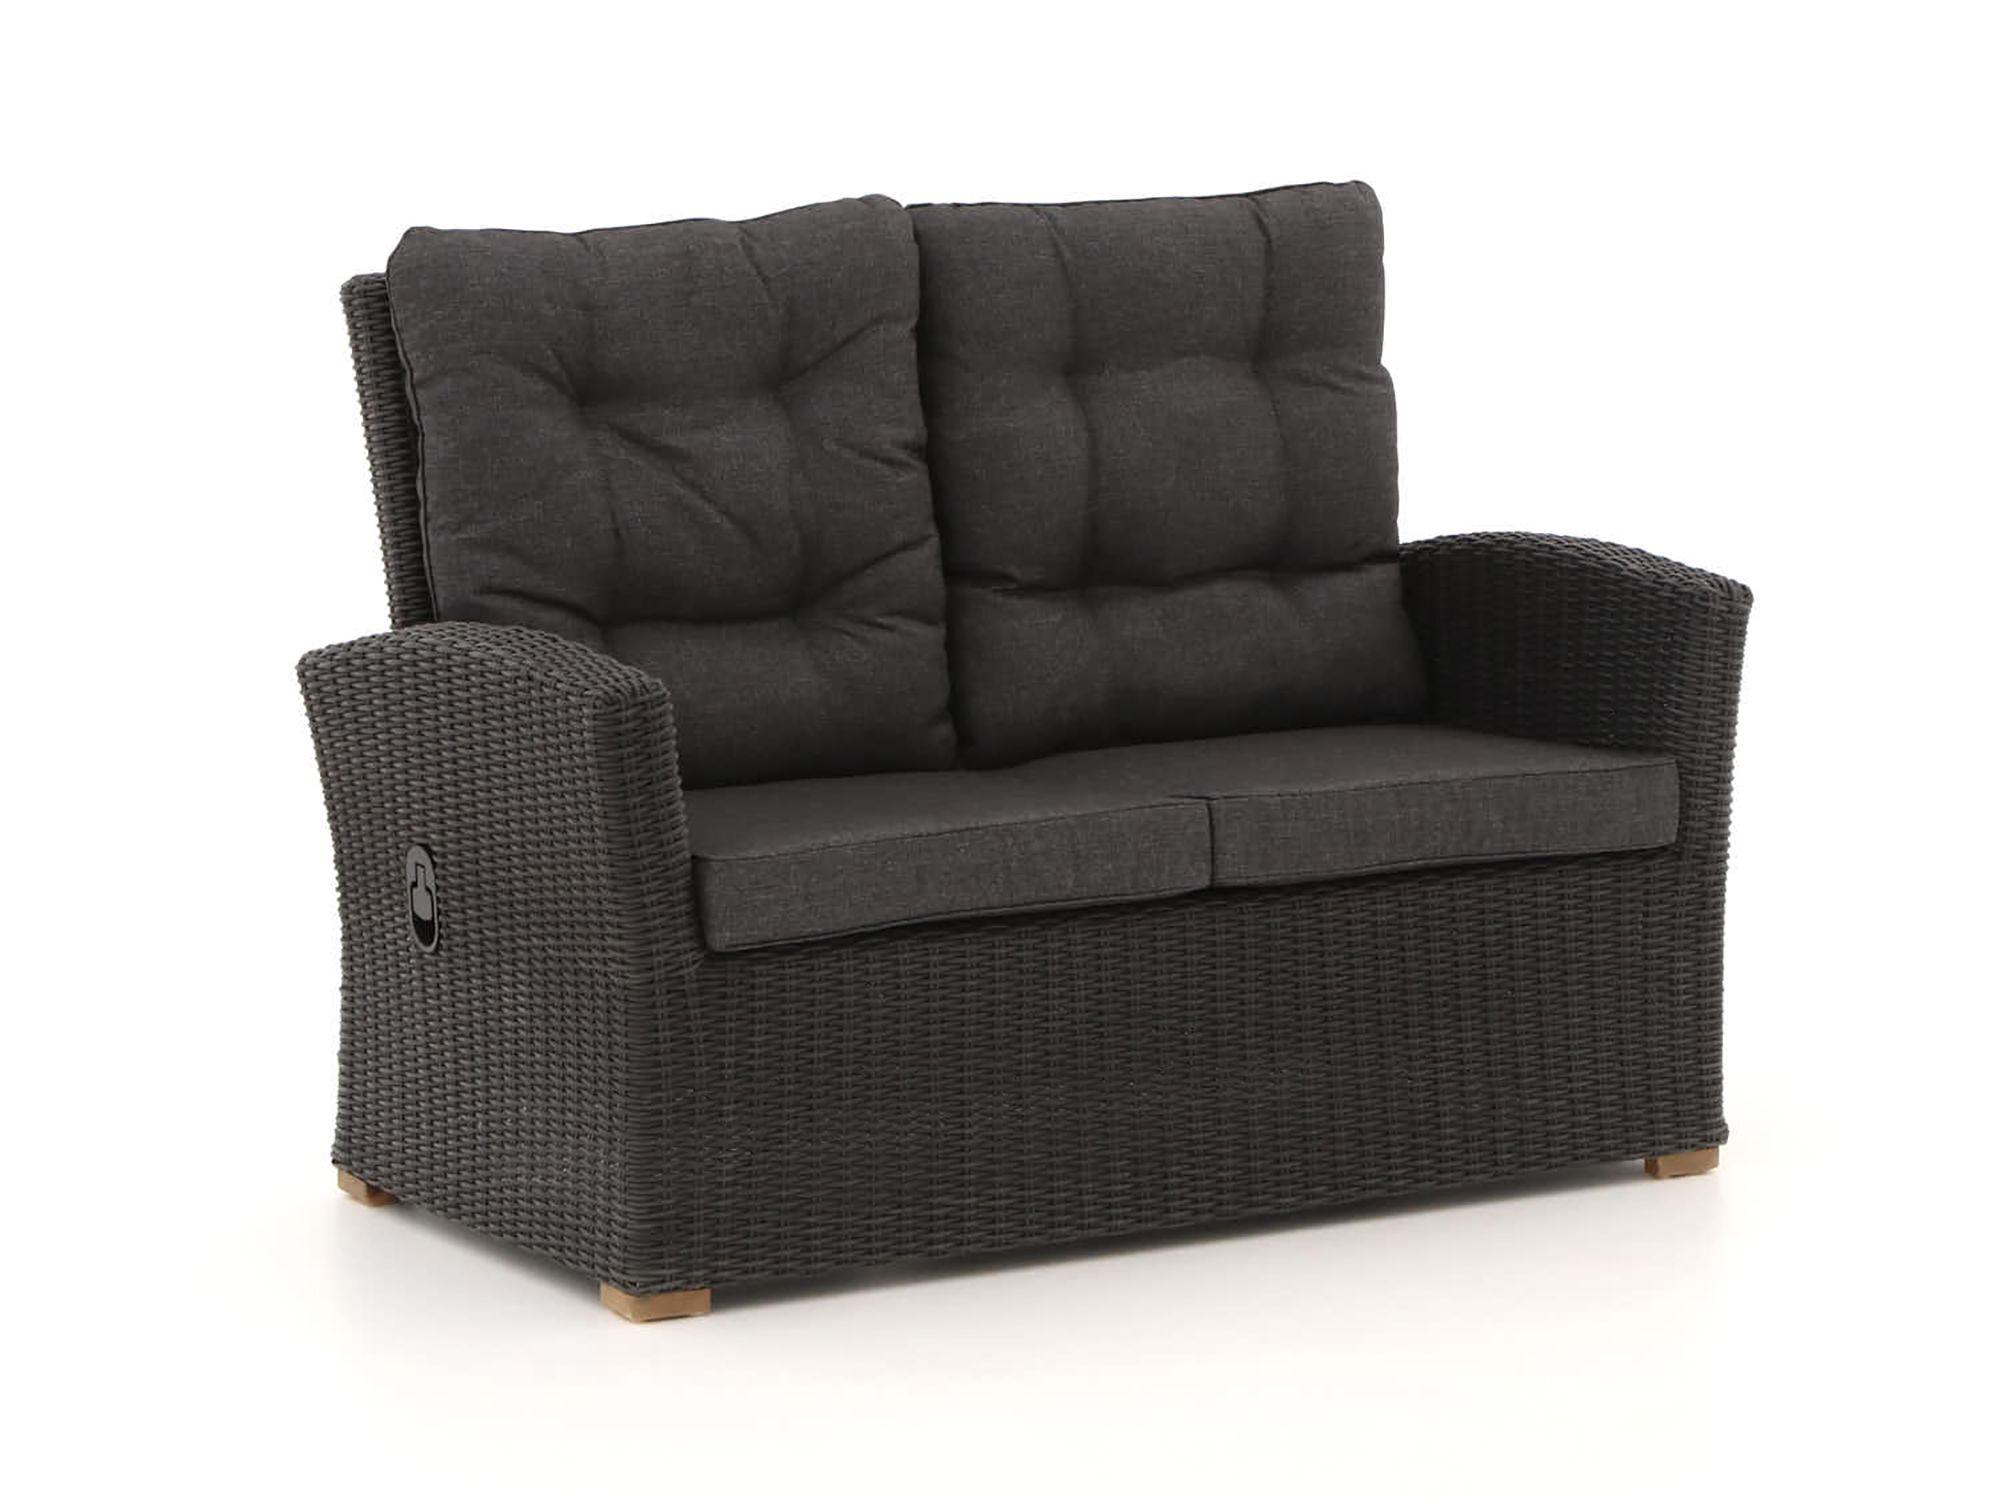 Lounge Bankje 2 Zits.Intenso Mazzano Lounge Tuinbank 2 Zits 135cm Verstelbaar Lounge